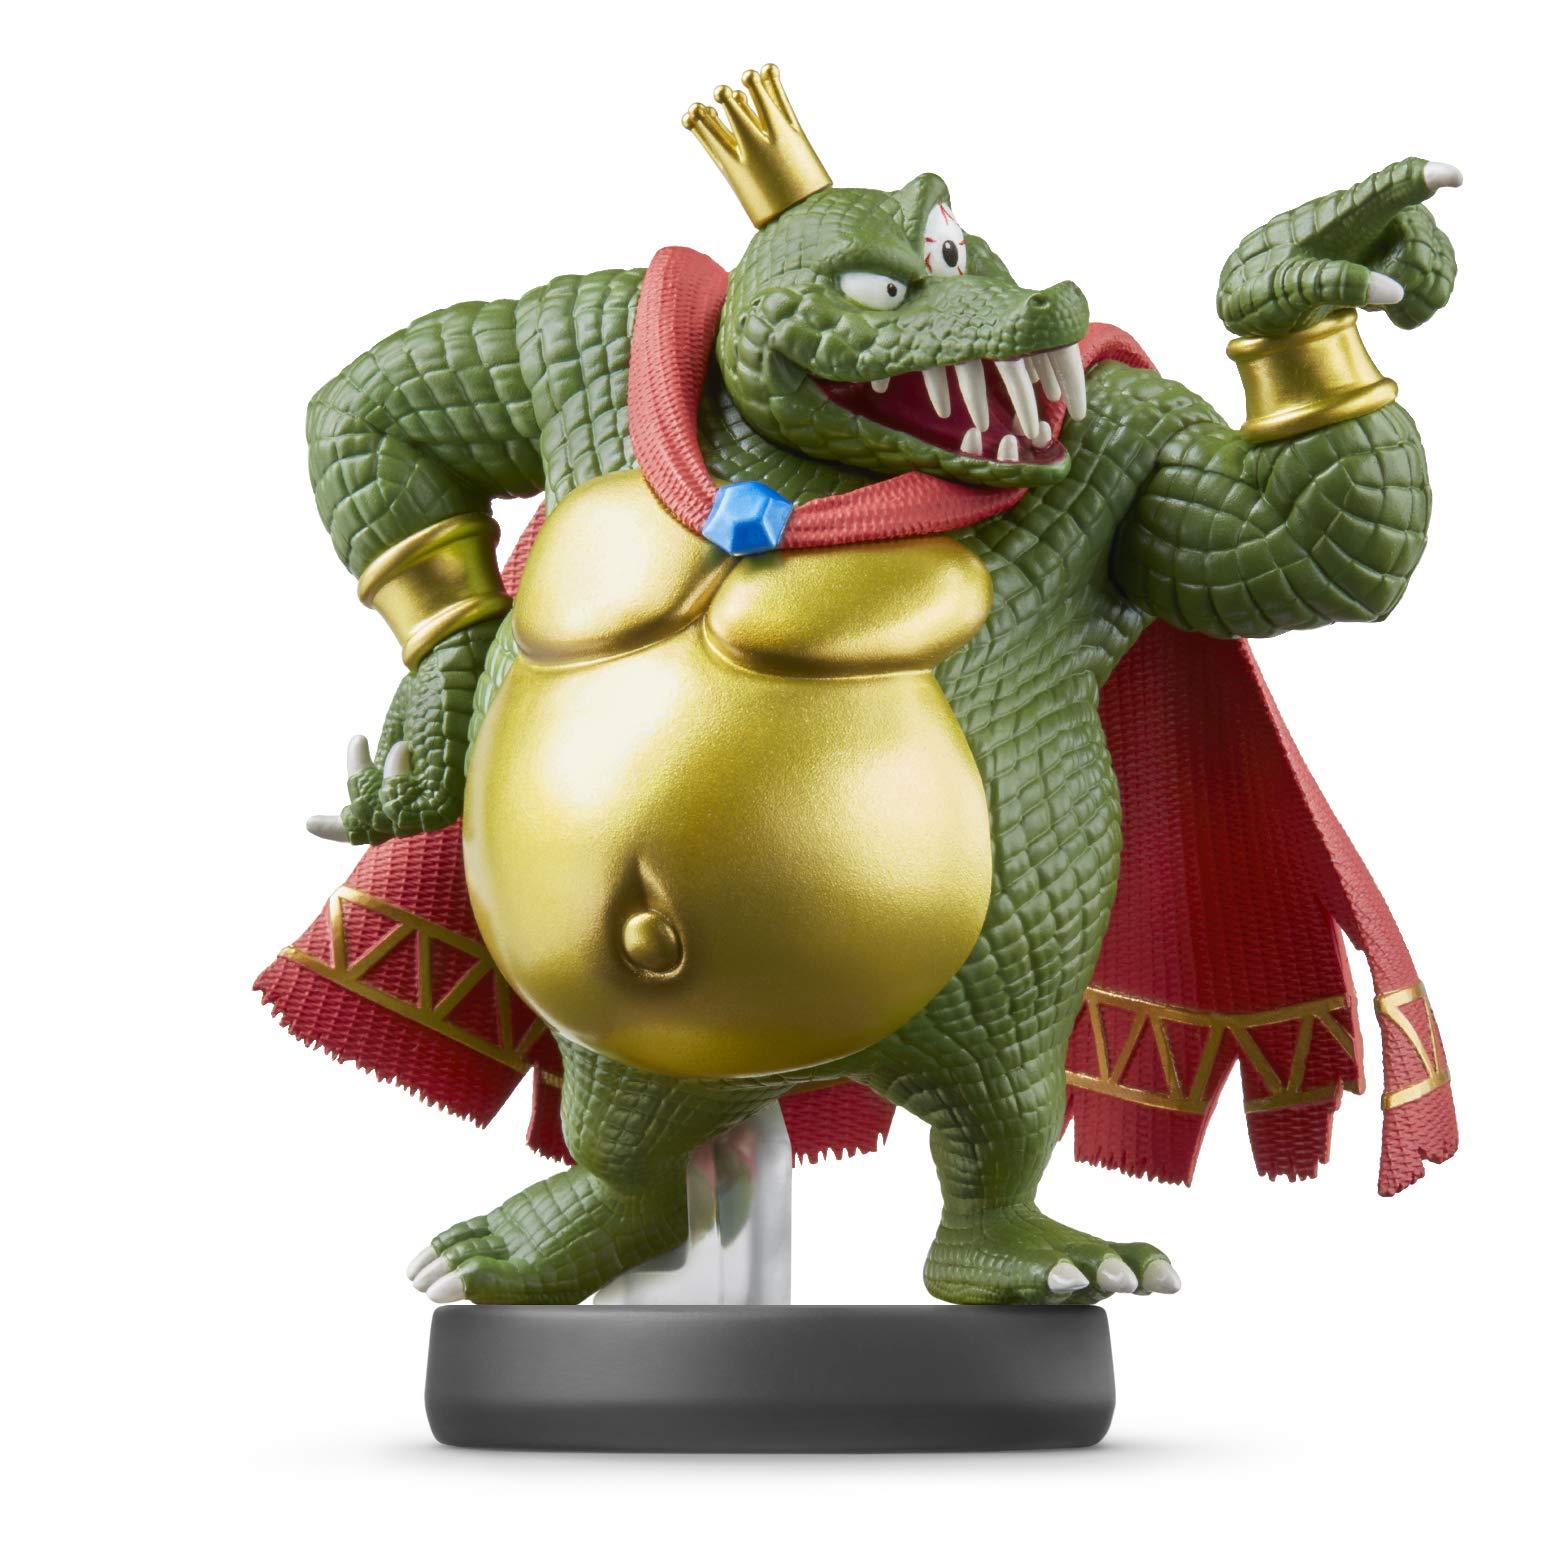 King K Rool Amiibo